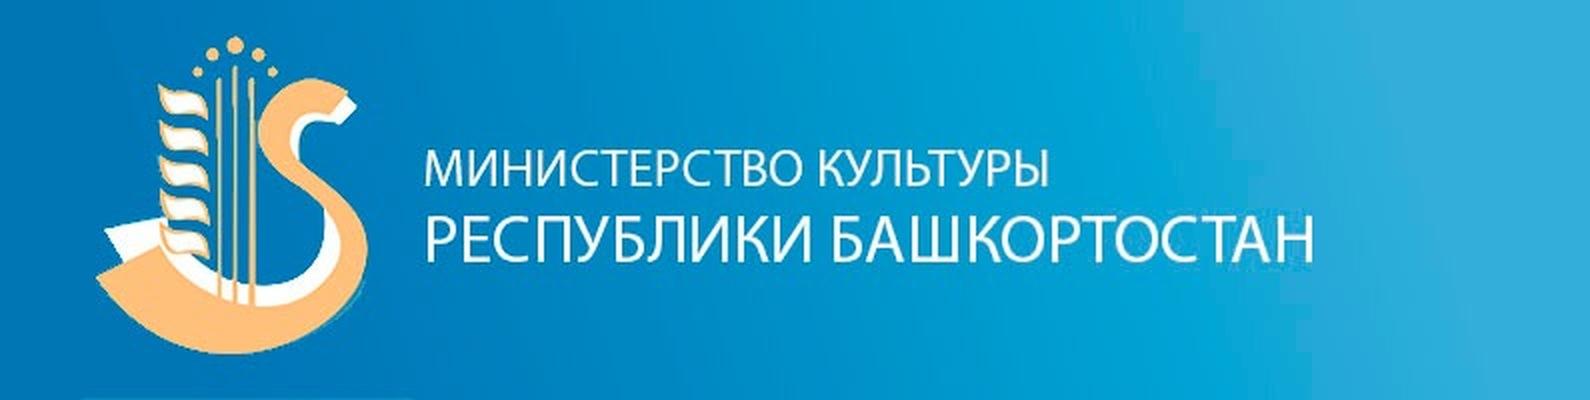 Министерство культуры Республики Башкортоста